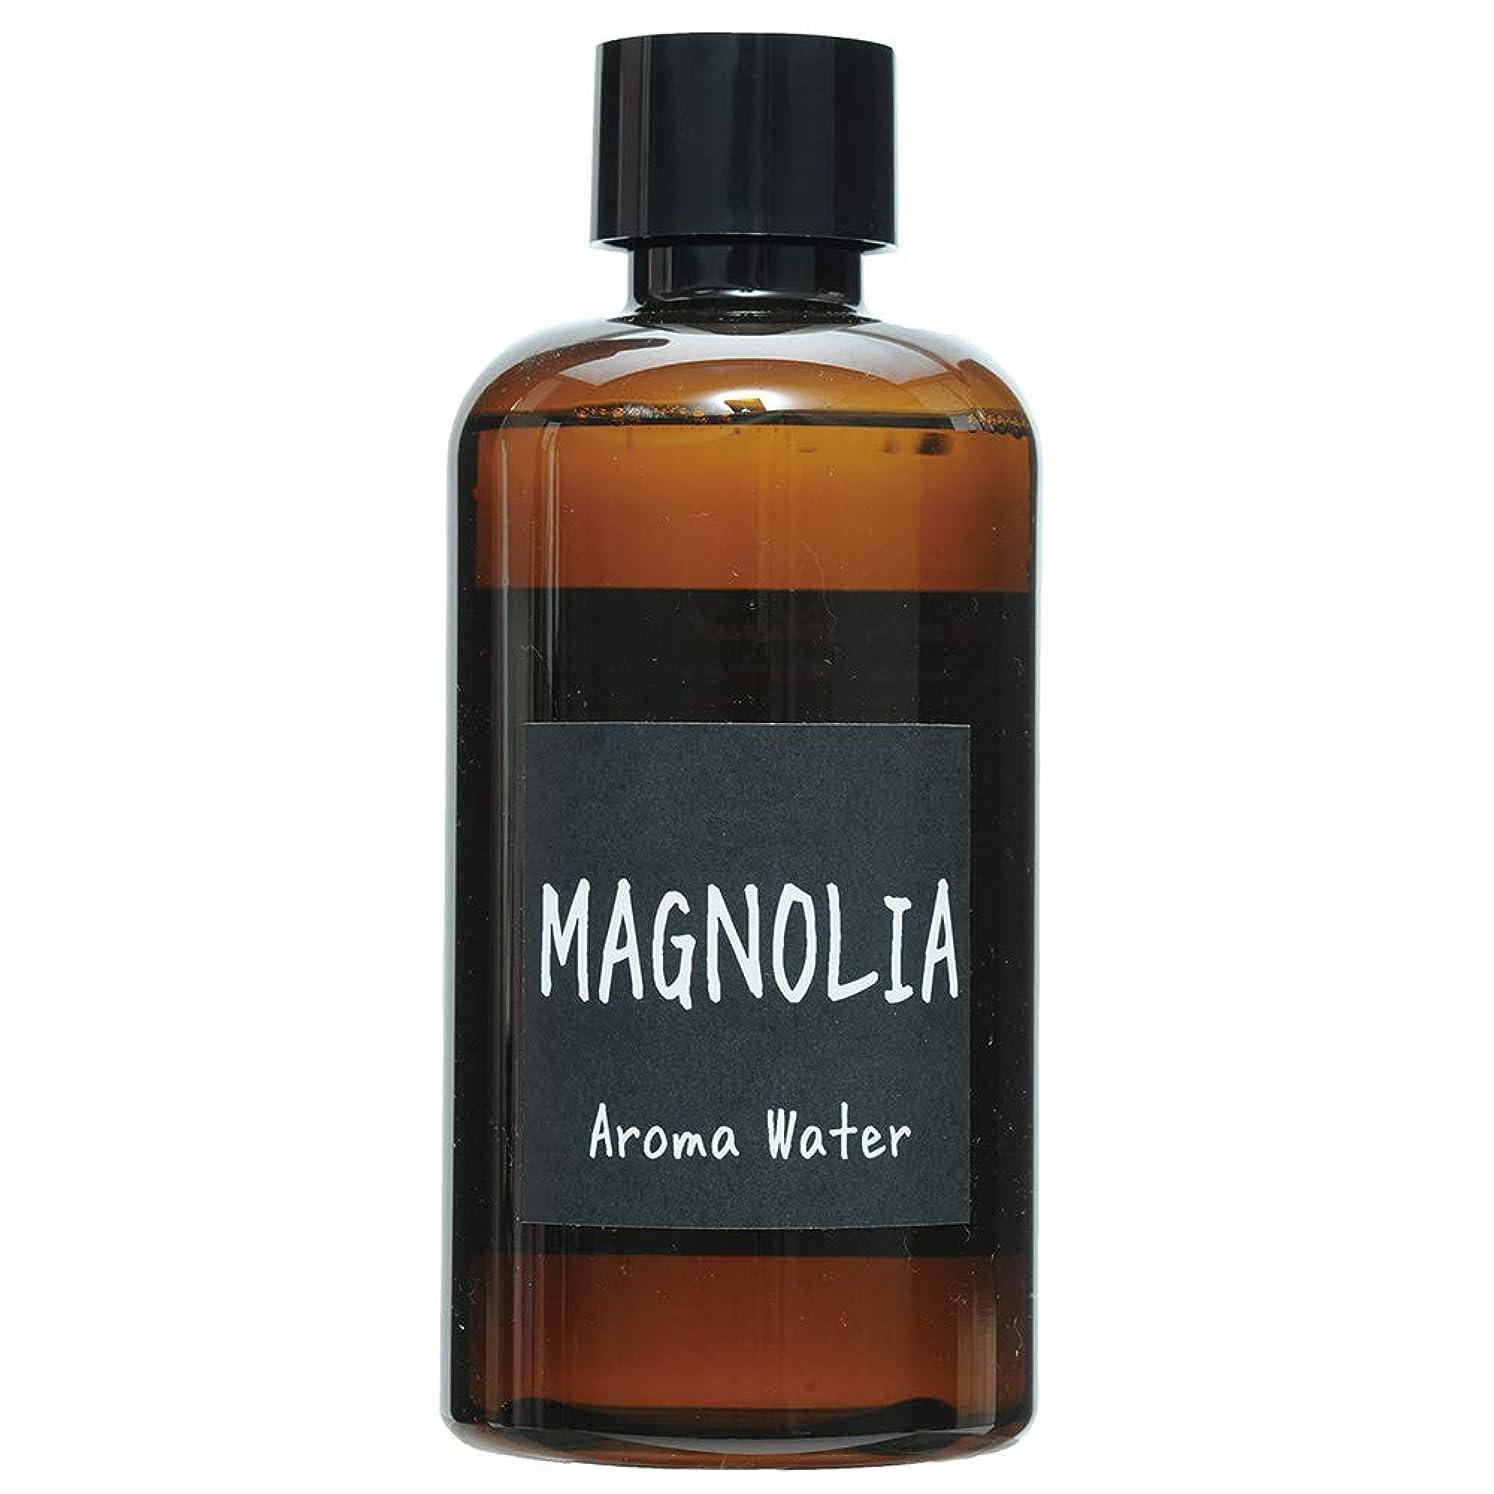 白いレキシコン完璧なノルコーポレーション John's Blend アロマウォーター 加湿器用 OA-JON-23-7 マグノリアの香り 520ml